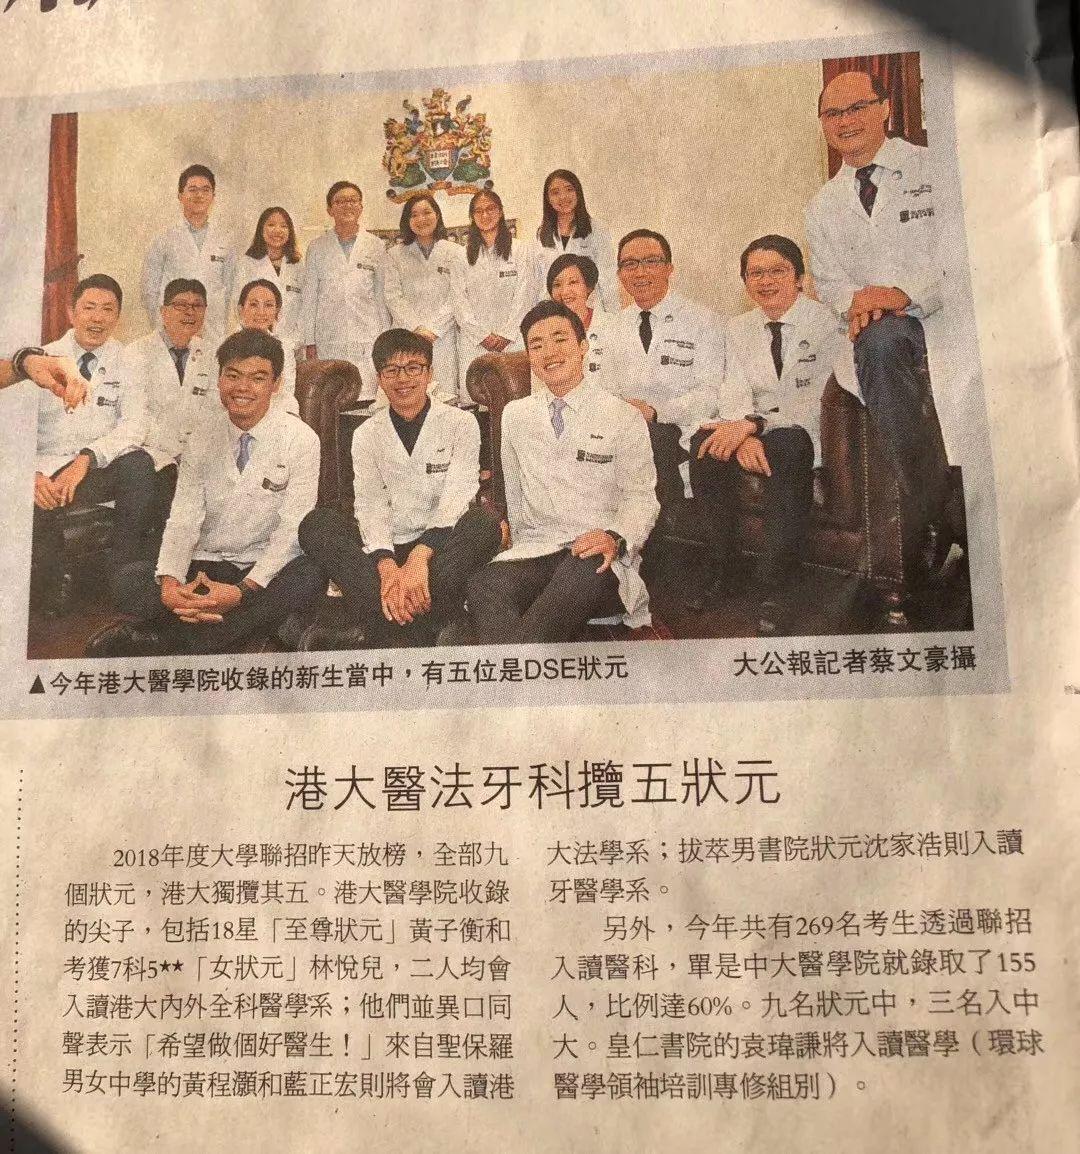 内地36名状元无人学医!香港9名状元4个想学医